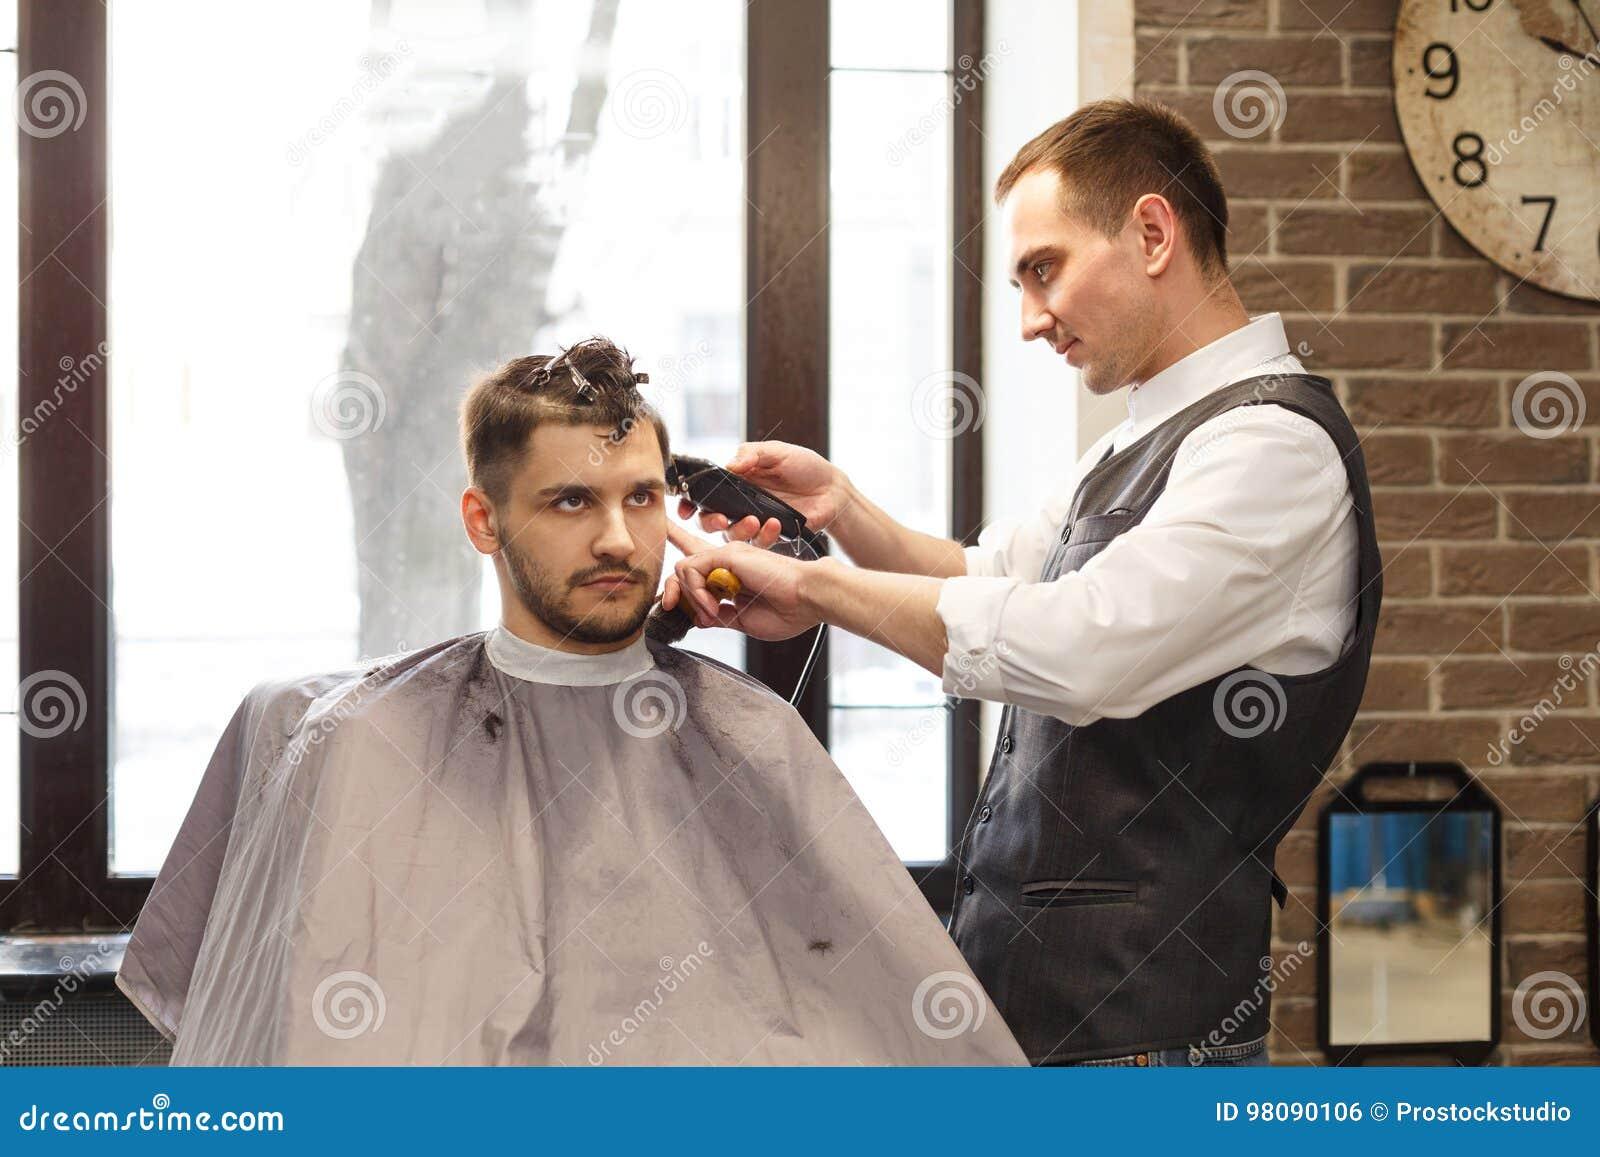 Getting A Haircut 44